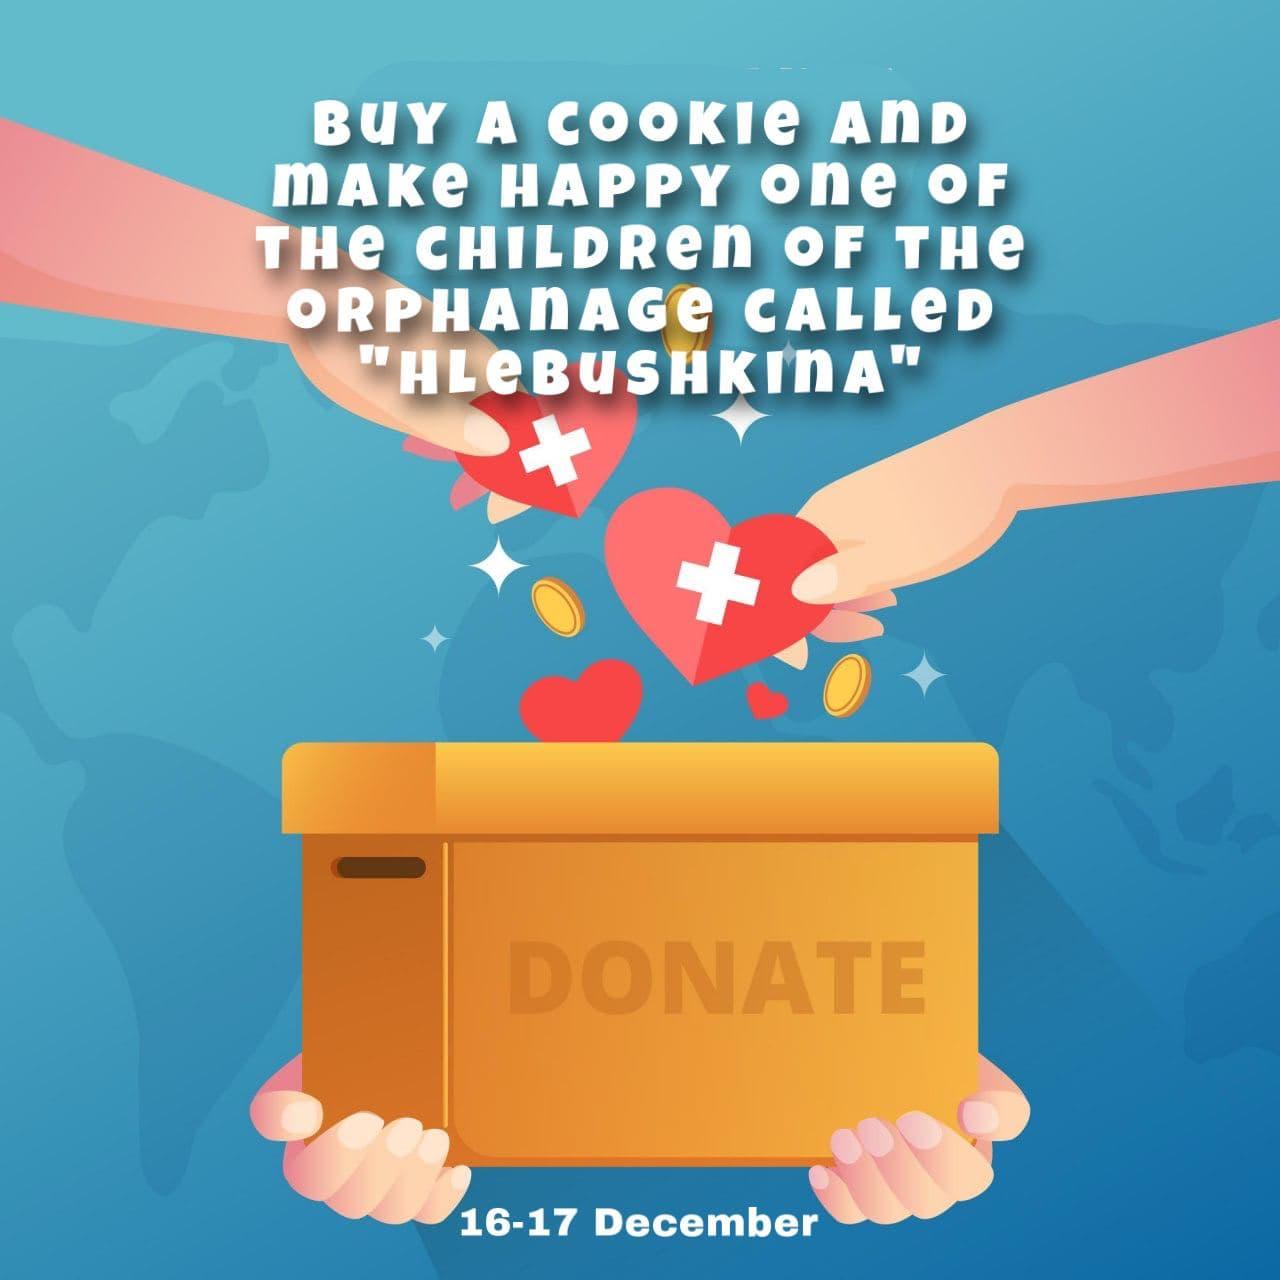 Если вы хотите сделать добро перед Новым Годом, но не знаете как, то наша акция для вас!